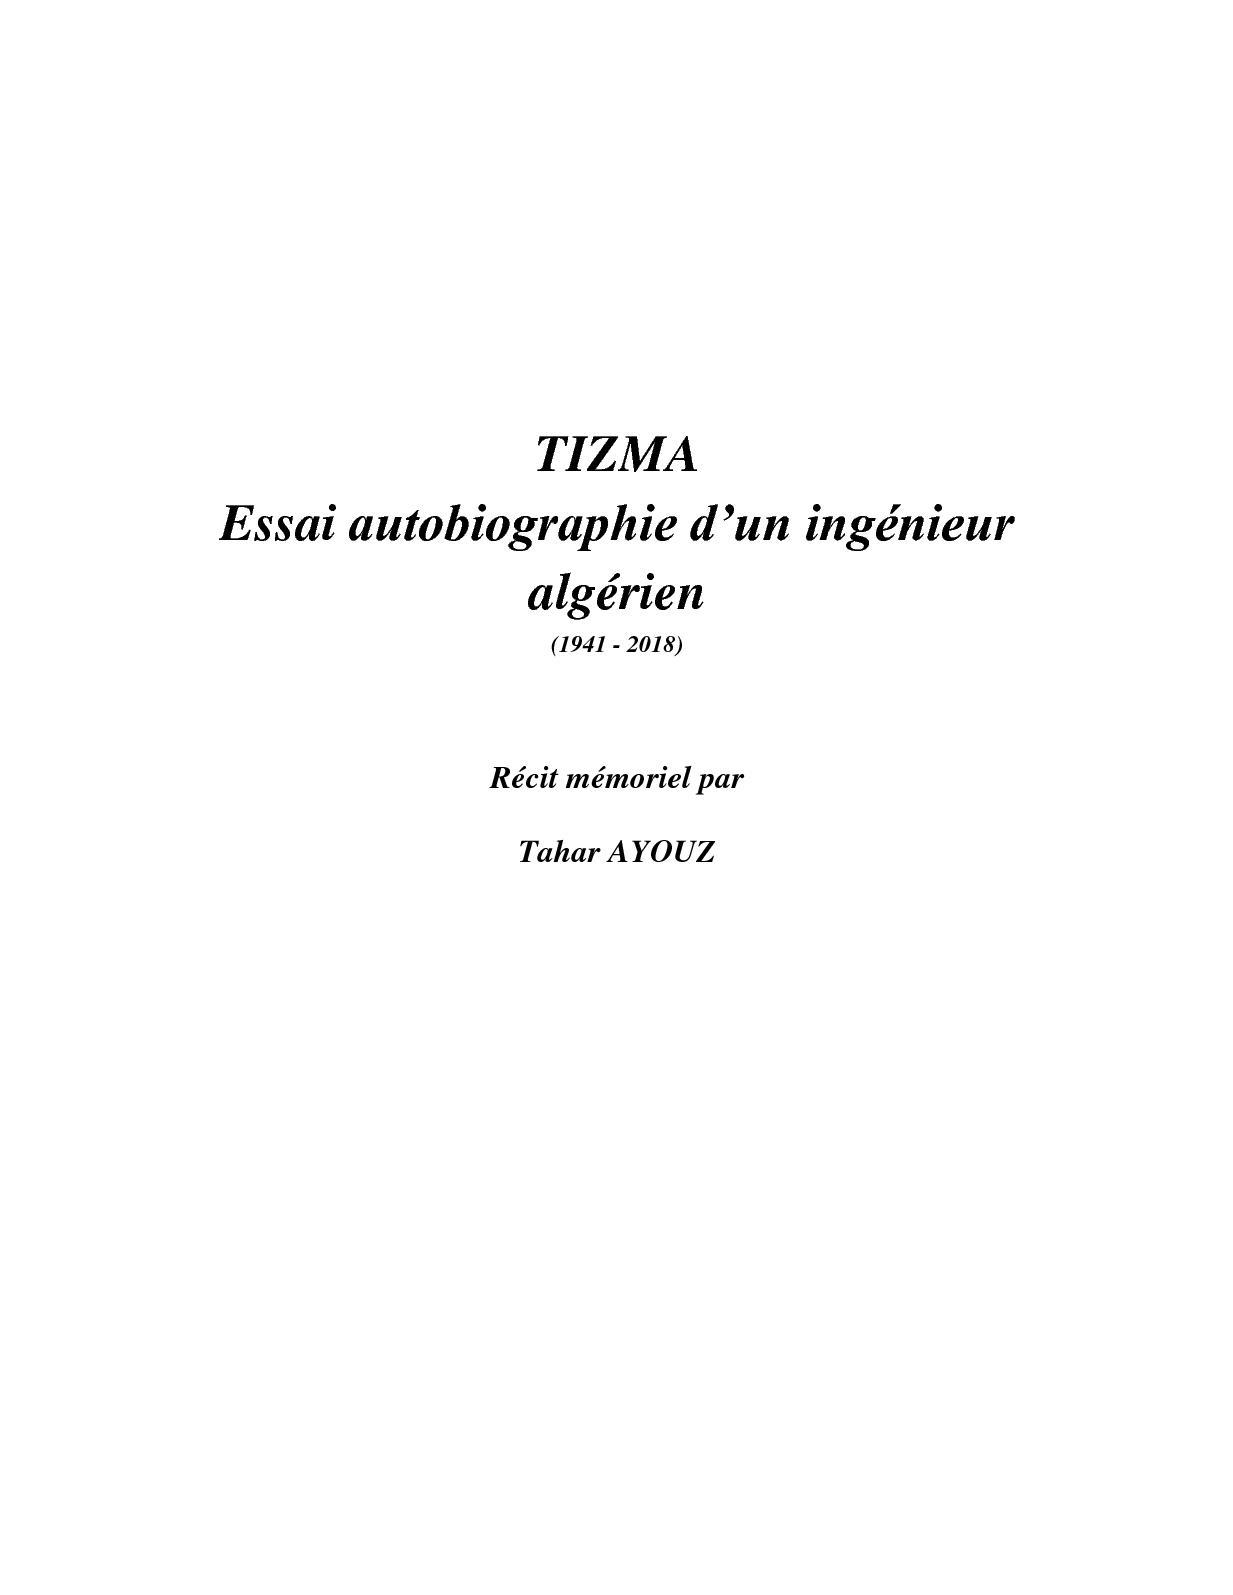 50284540ae6804 Calaméo - Tizma Version Finale 14 Juin à Peaufiner